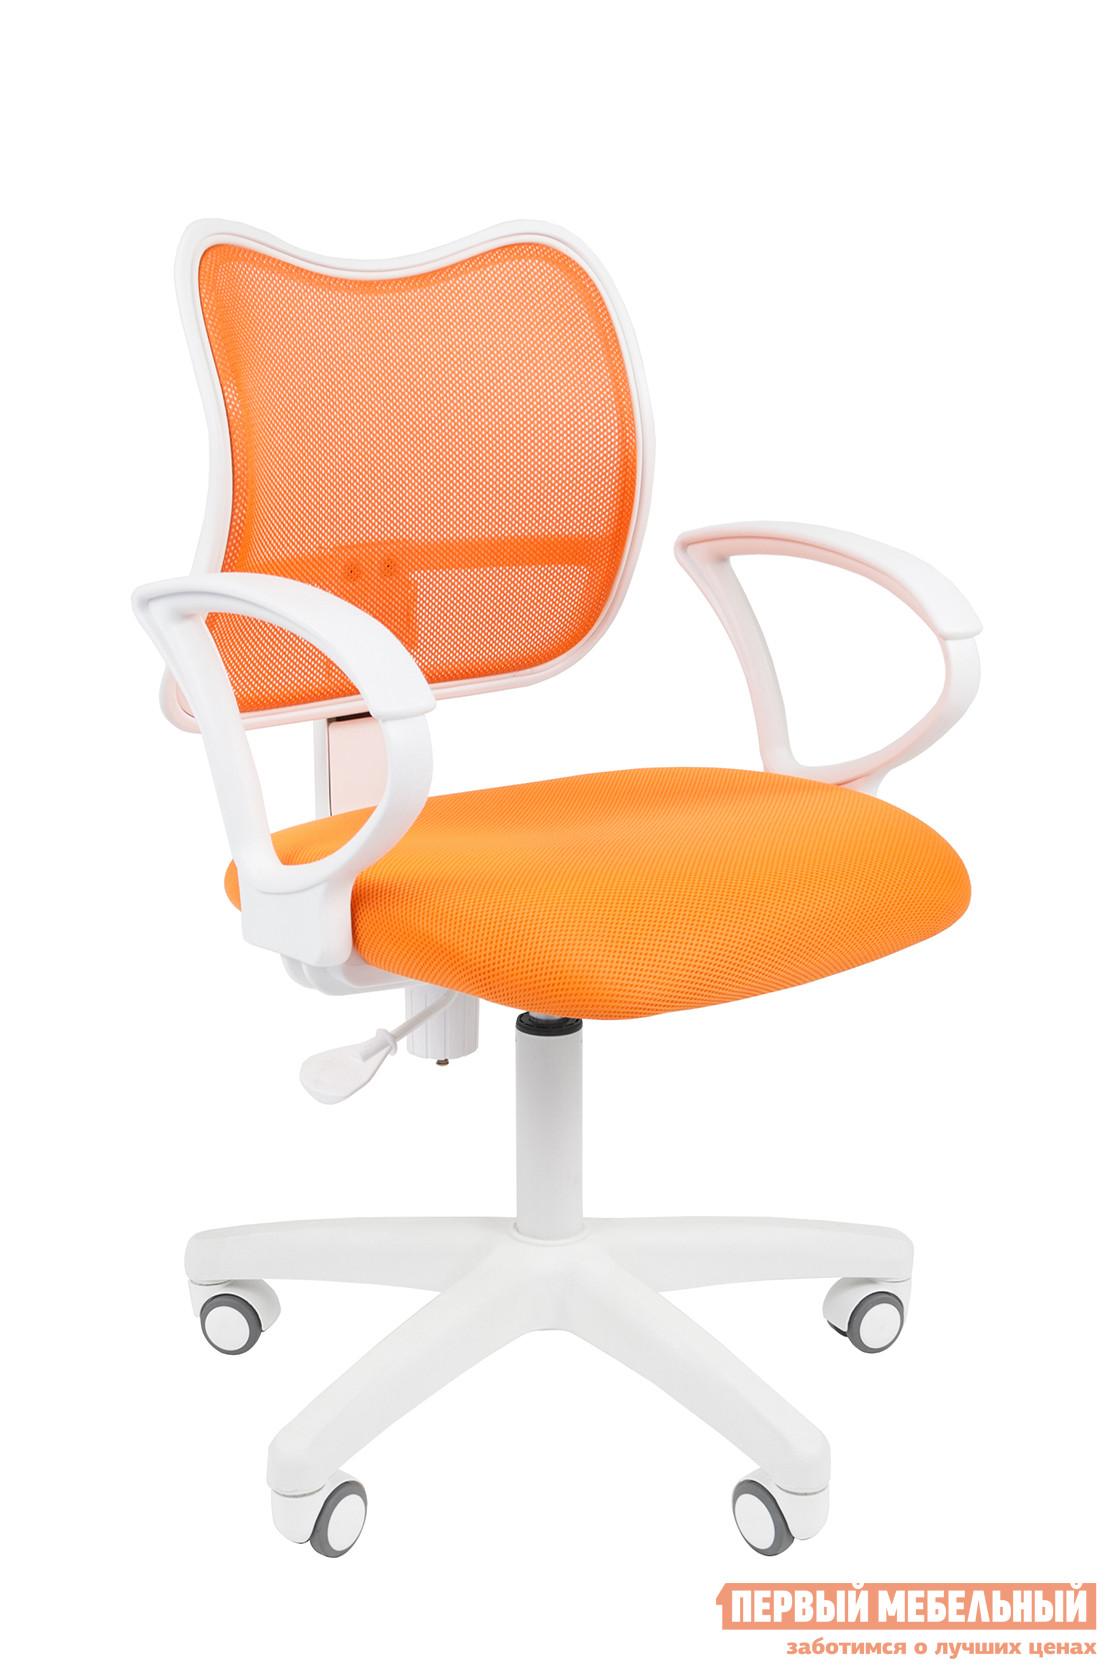 Кресло для офиса Chairman CHAIRMAN 450 Ткань TW-16 / Сетка TW-66 оранжевый от Купистол